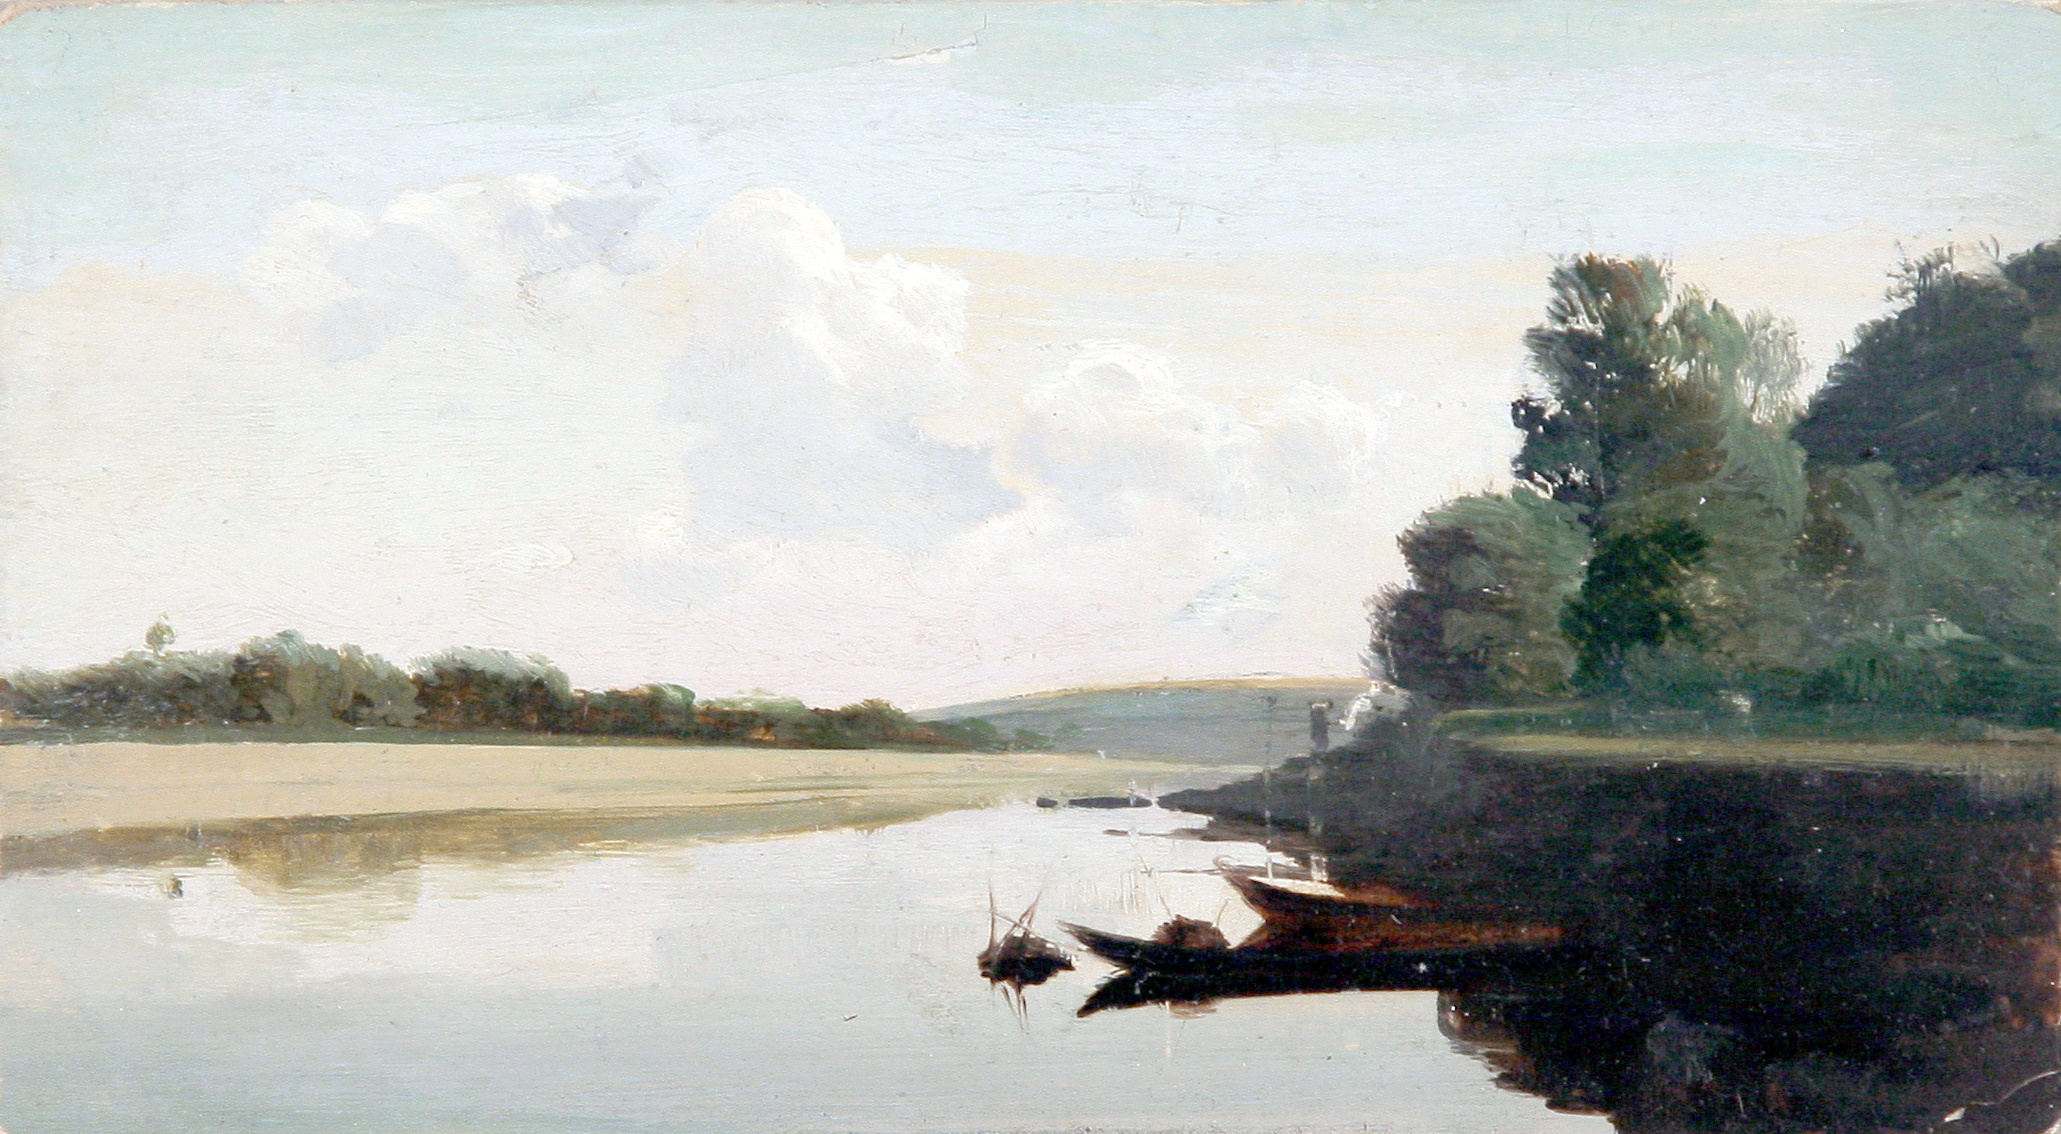 File:Nikolay Dubovskoy Peysazh s lodkoy 1890s.jpg.